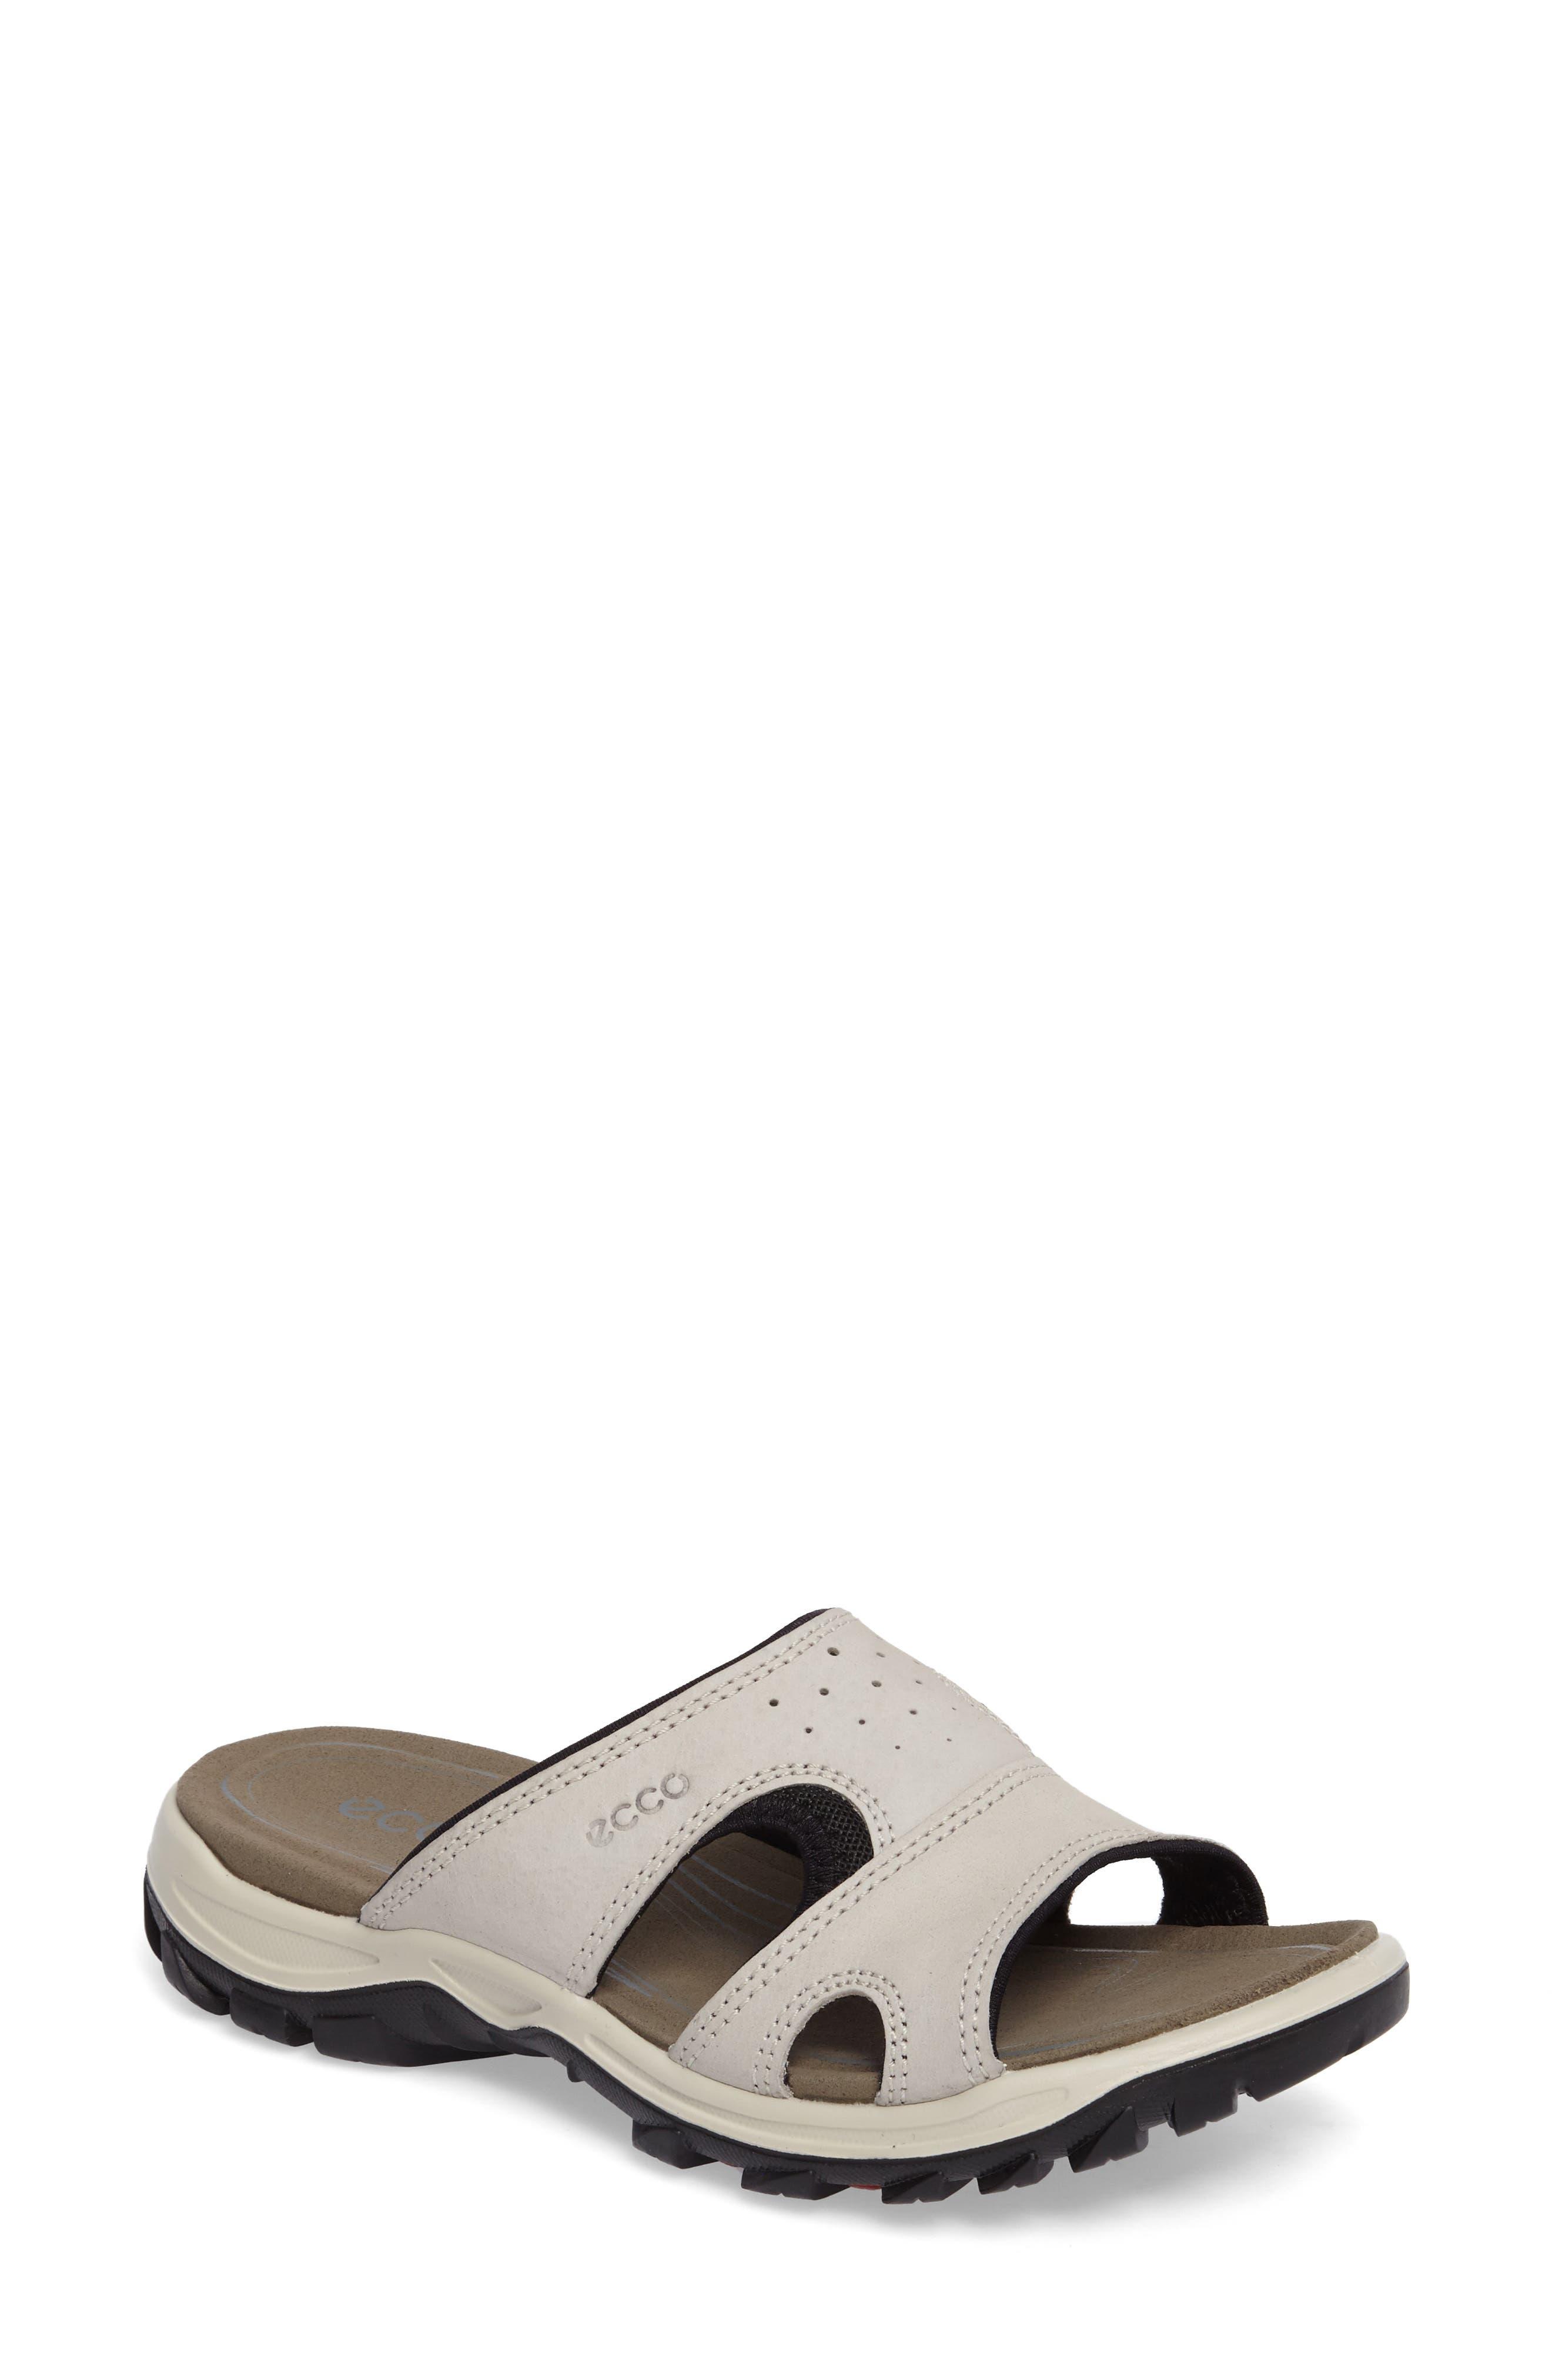 Offroad Lite Slide Sandal,                         Main,                         color, Gravel/ Black Leather